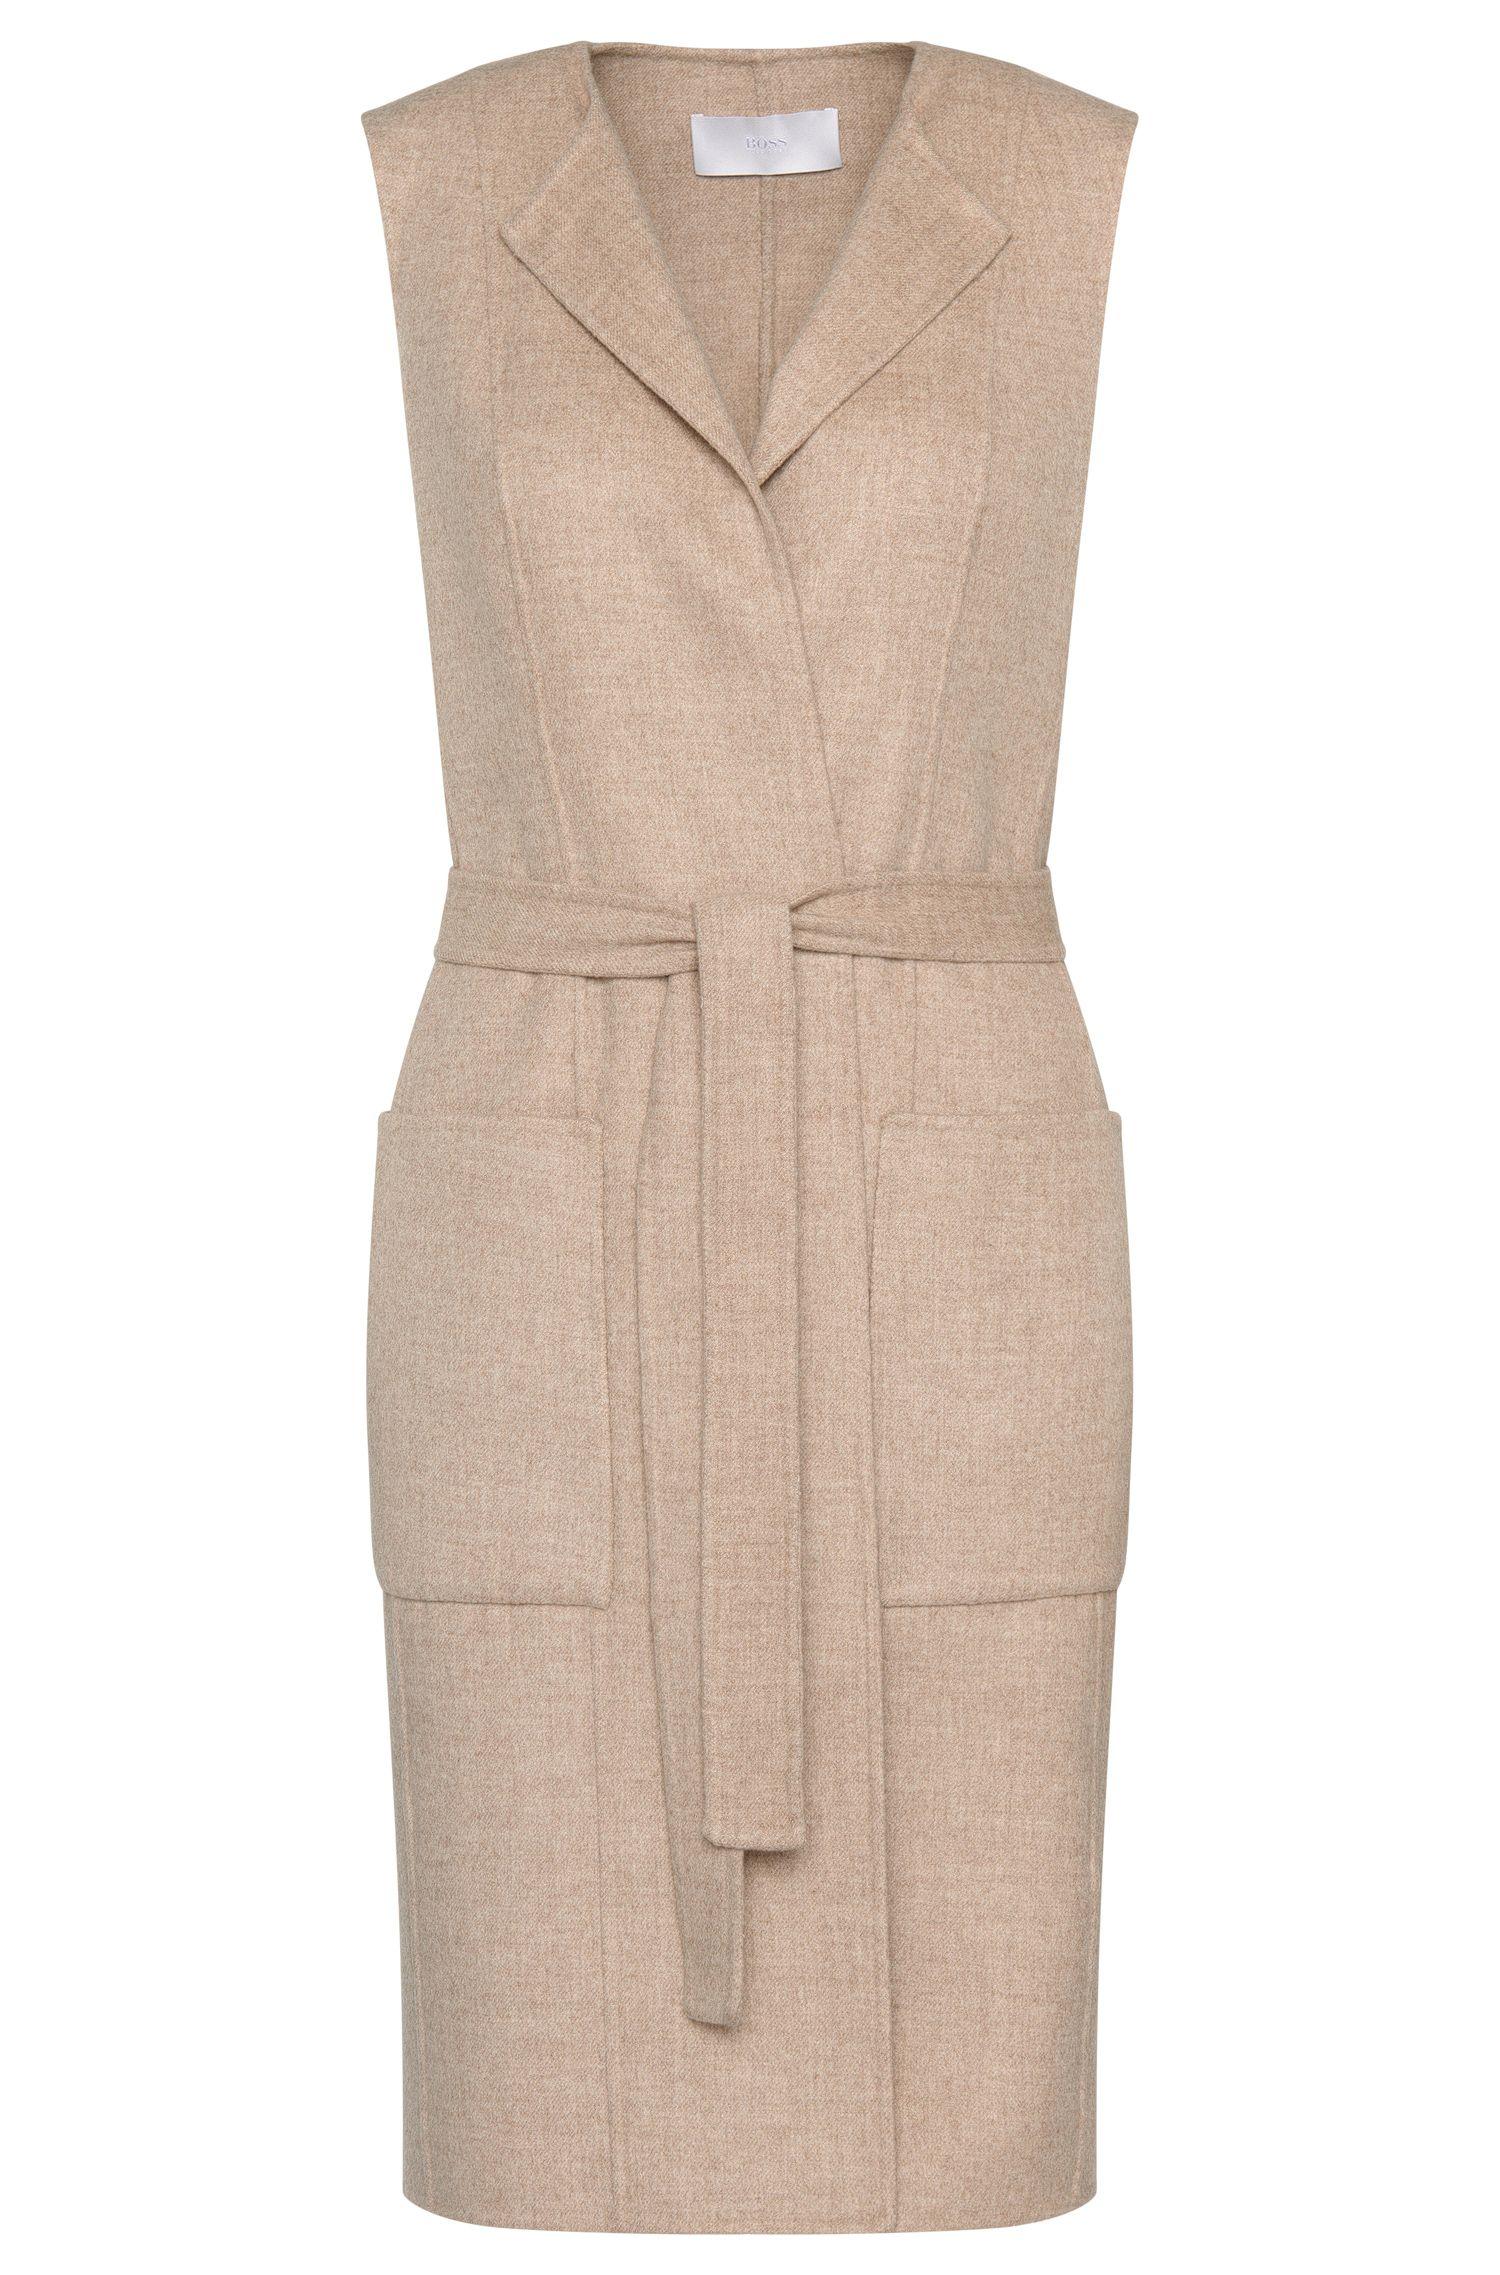 Wool Blend Belted Long Vest | Katsyna